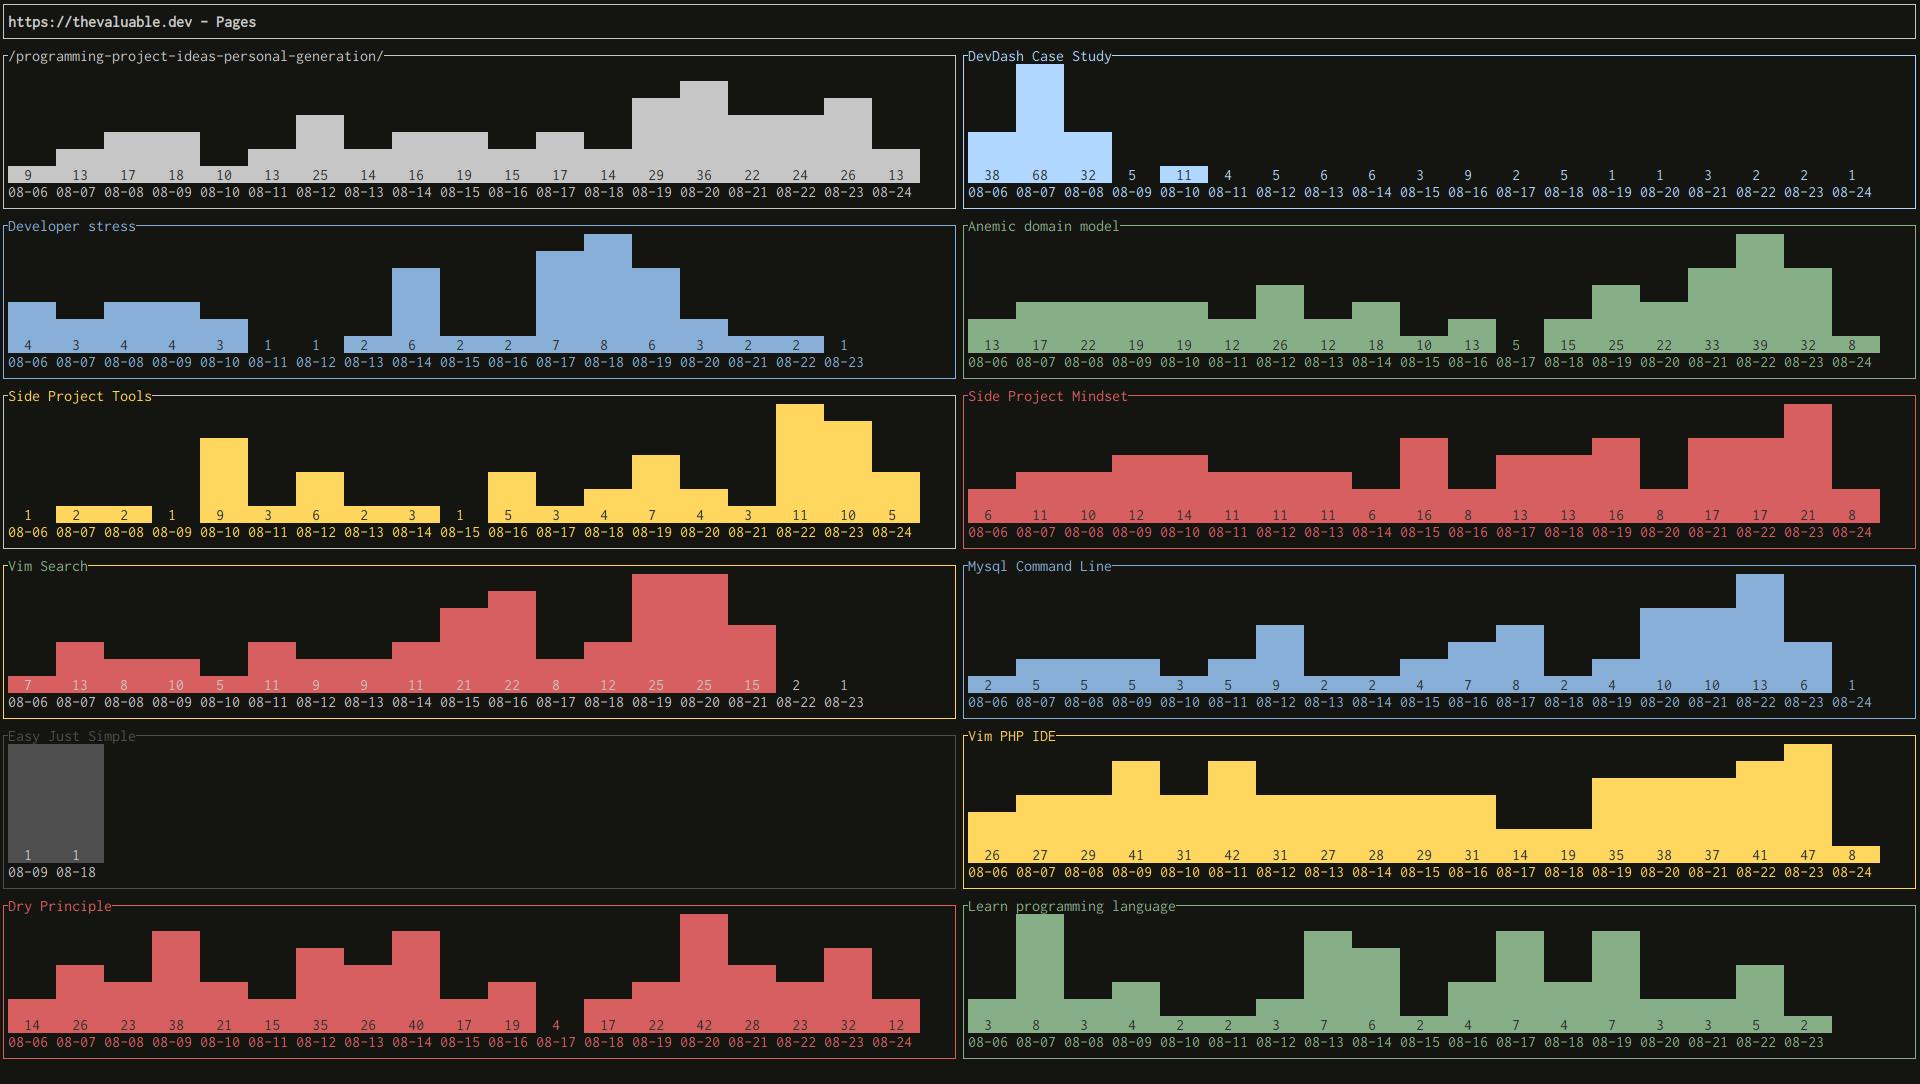 google analytics example DevDash configuration